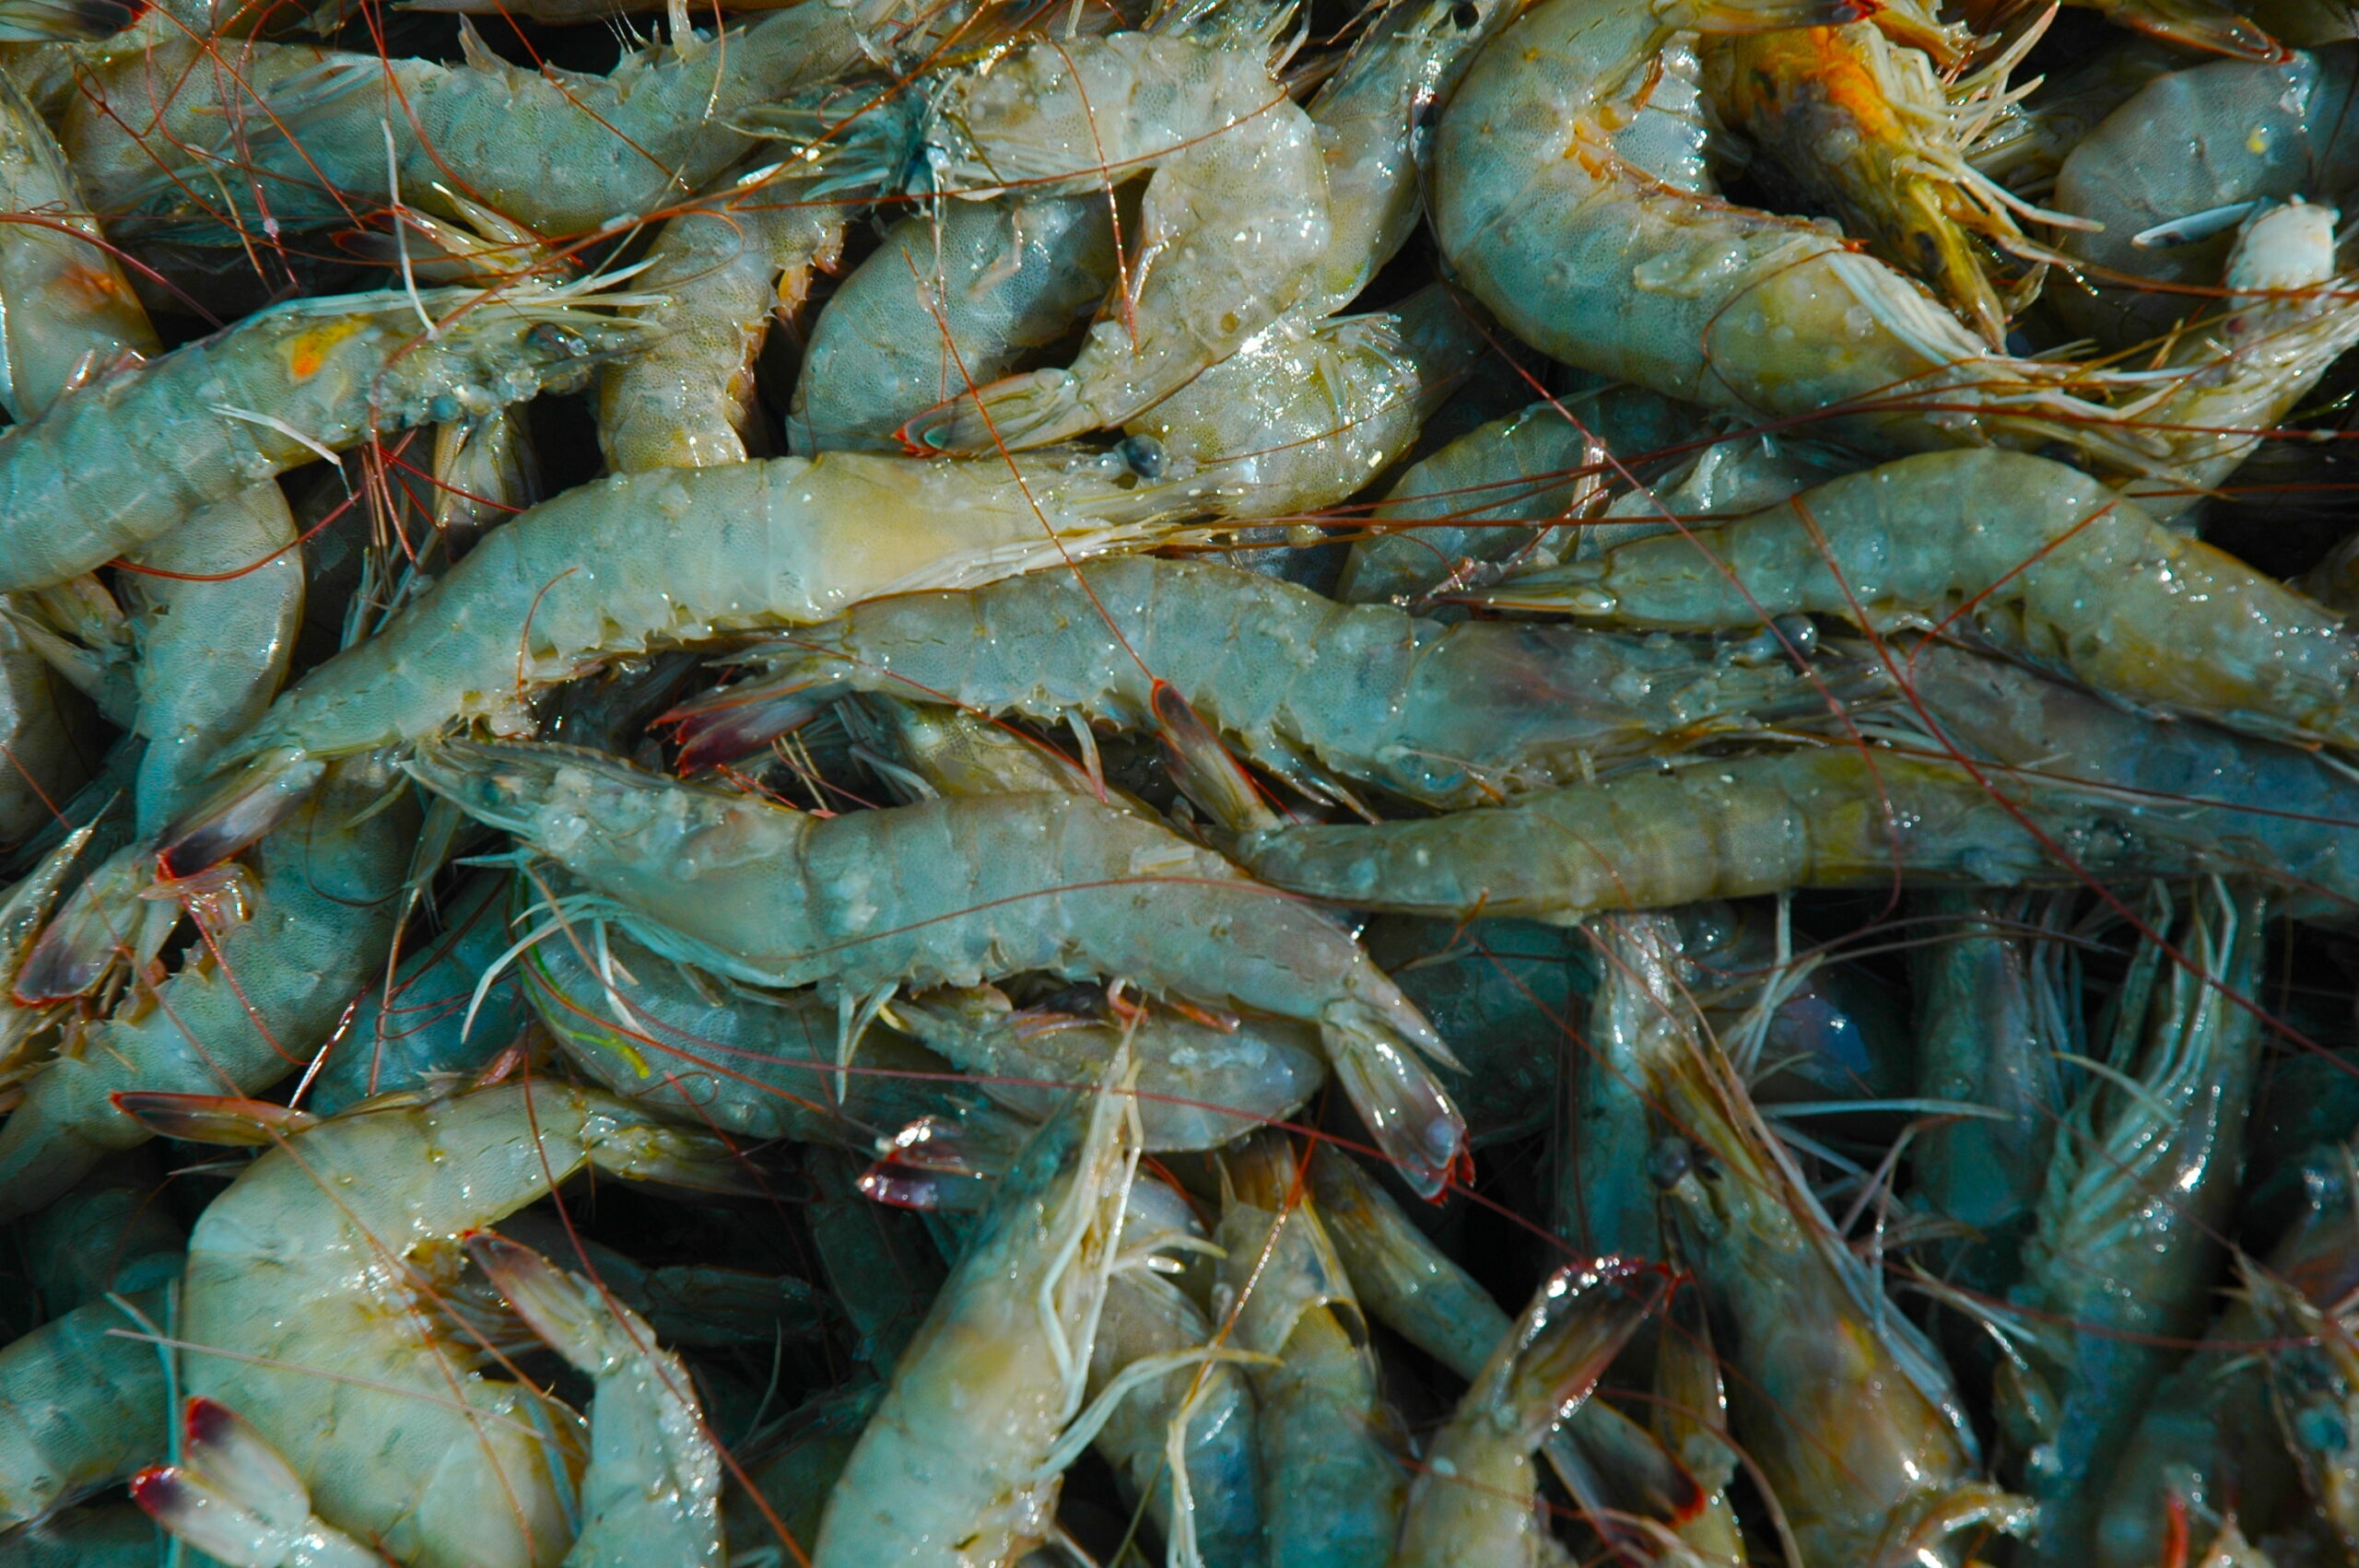 Shrimp. Credit: Barry Nash